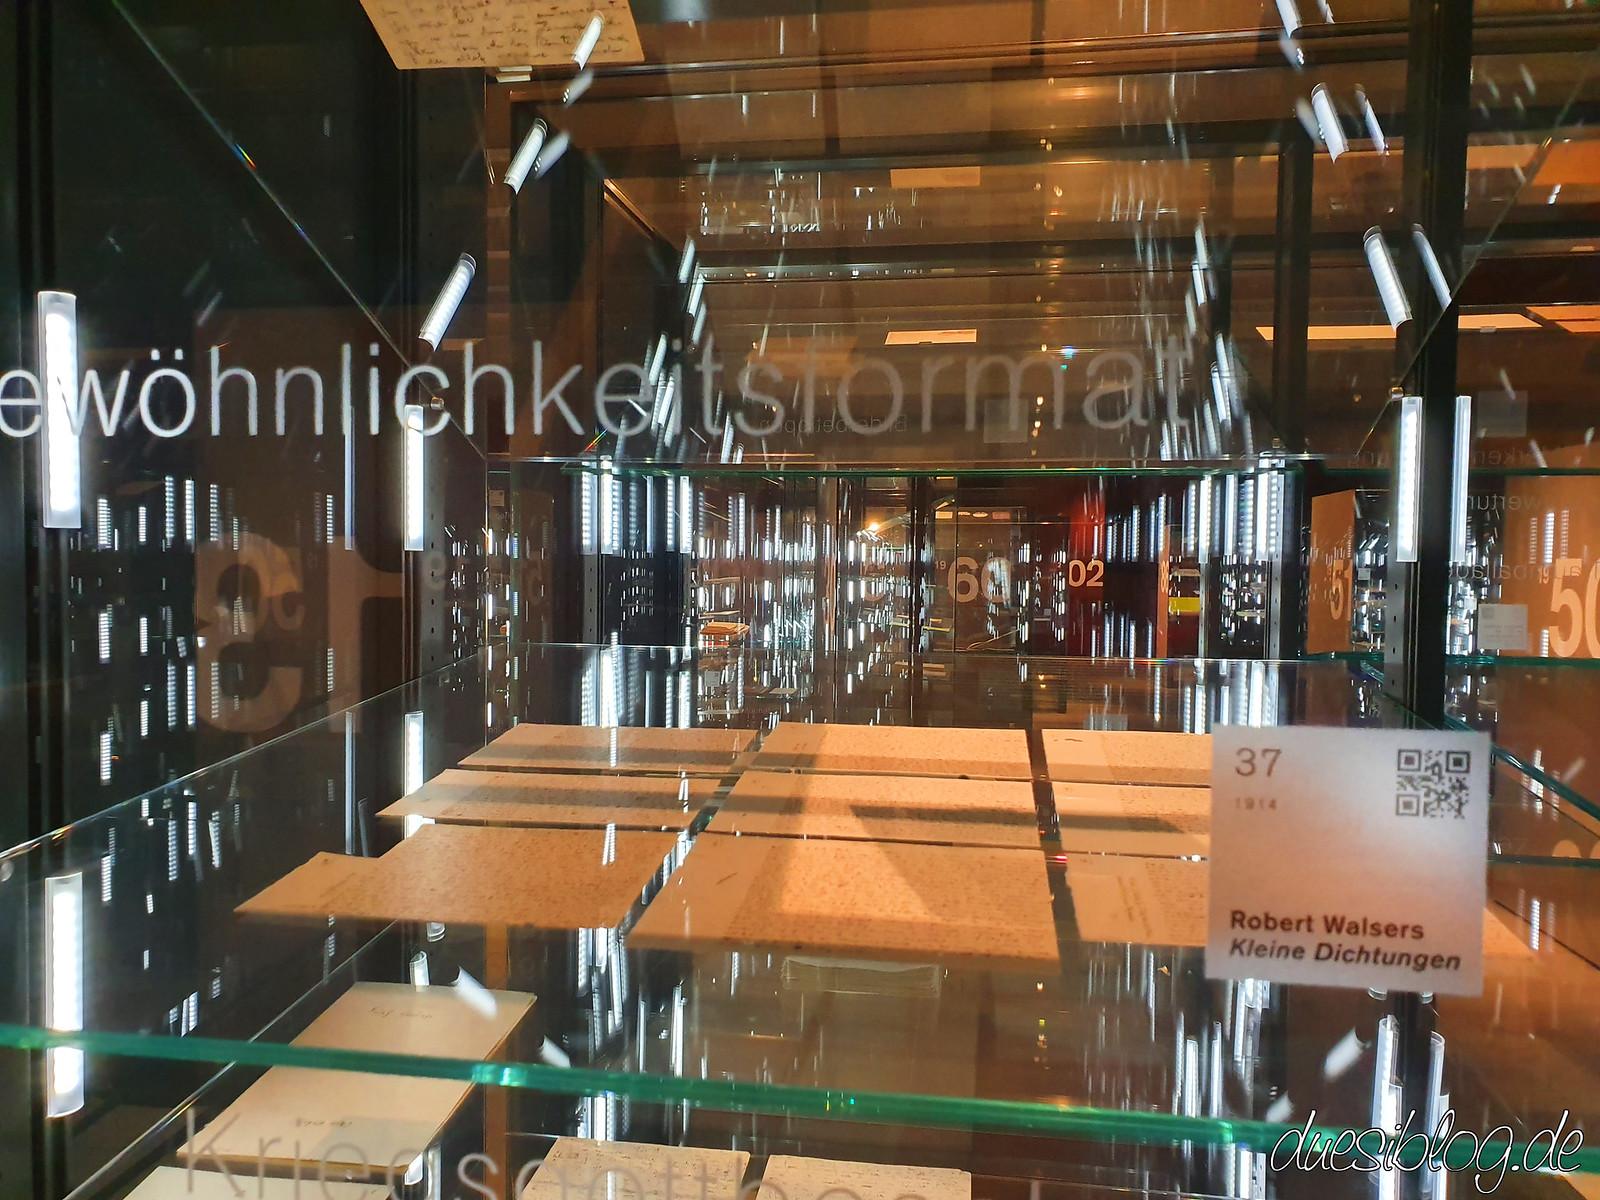 Schiller-Nationalmuseum Literaturmuseum der Moderne Marbach duesiblog 28